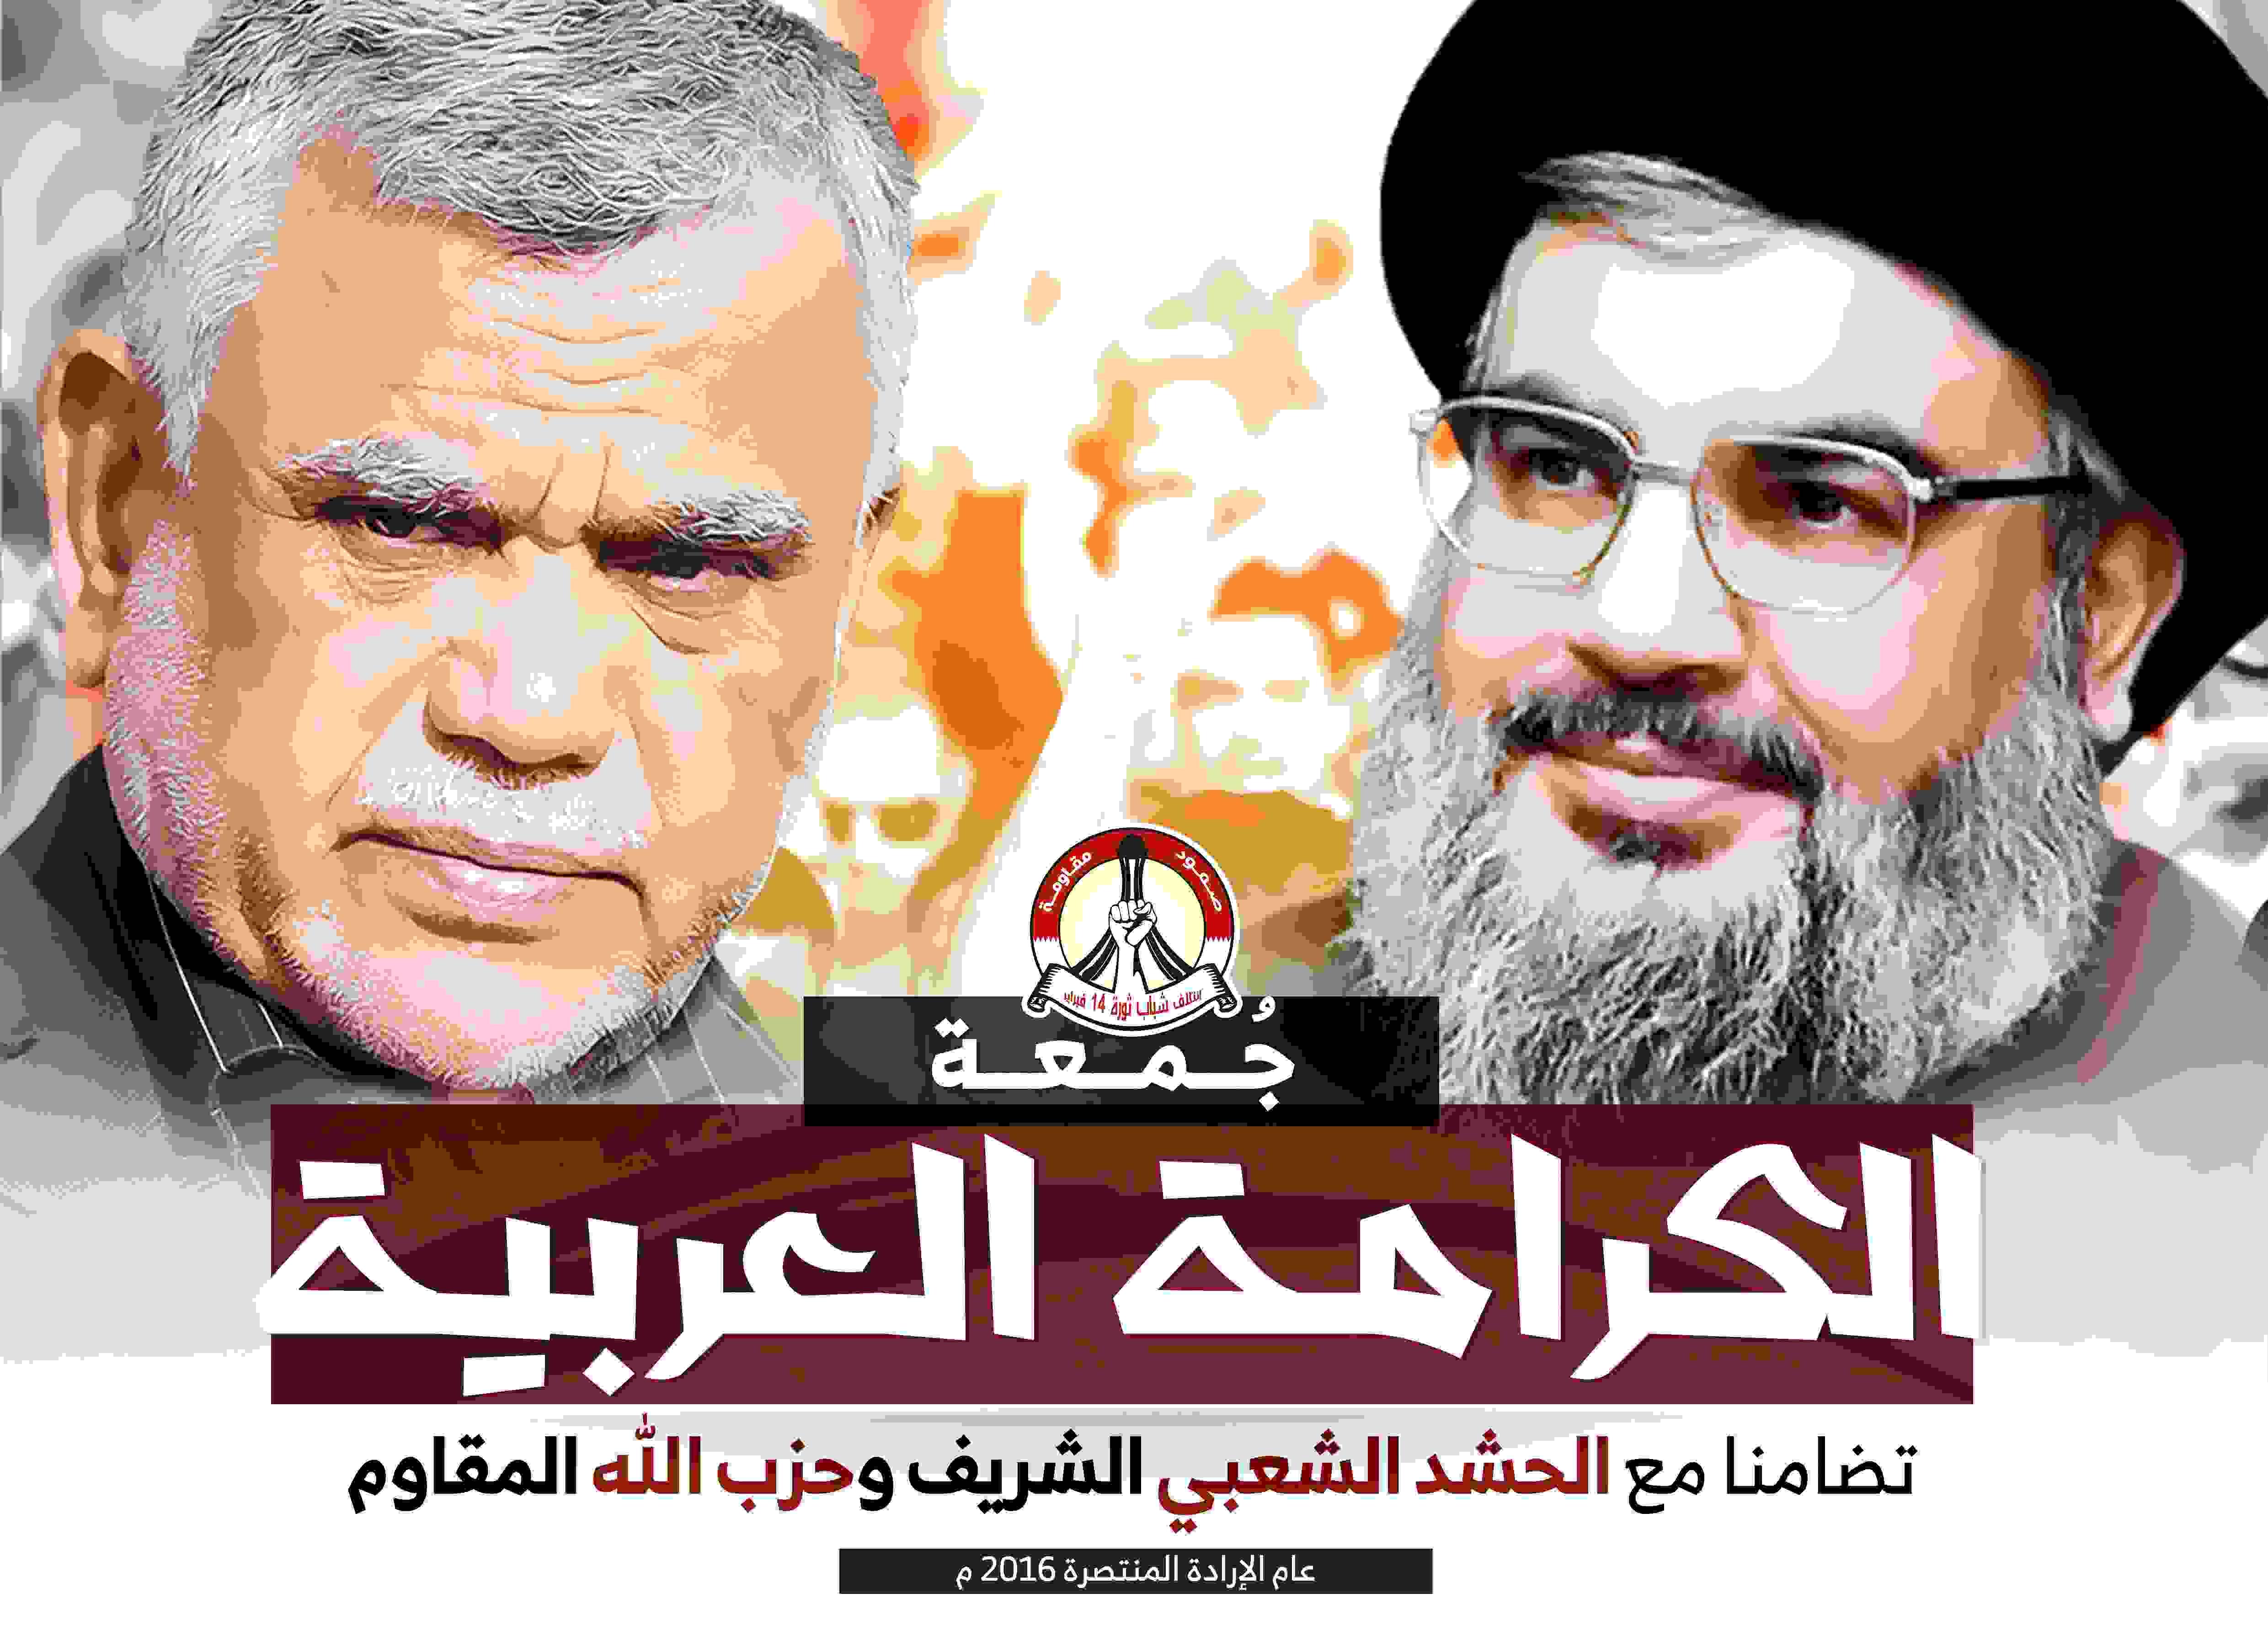 الائتلاف يدعو إلى تظاهرات «جمعة الكرامة العربيّة»